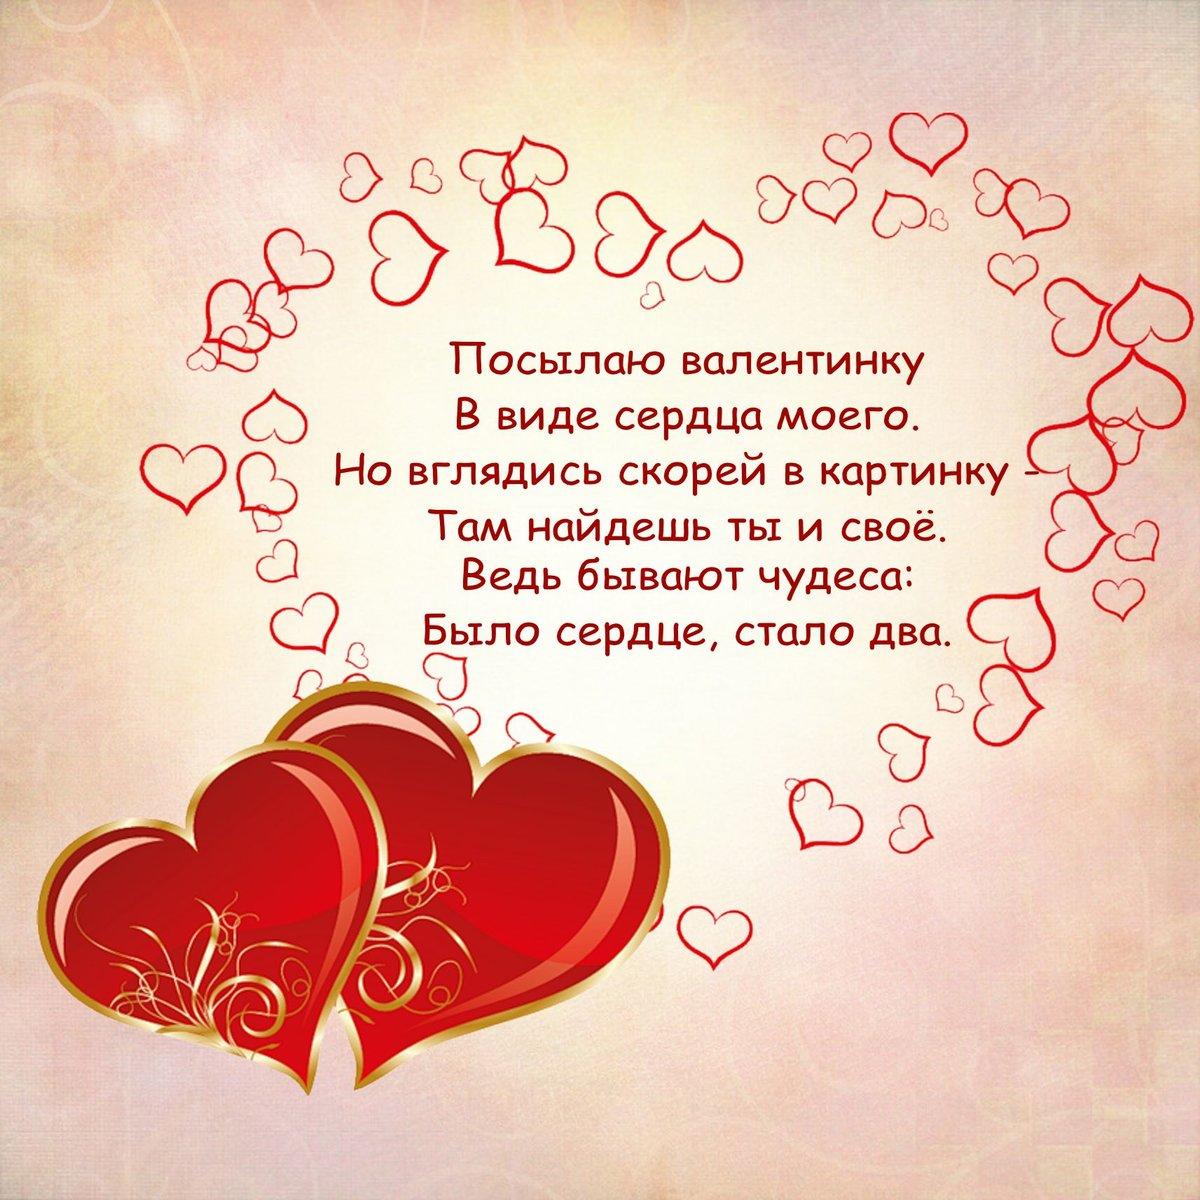 Поздравление с днем любви своими словами